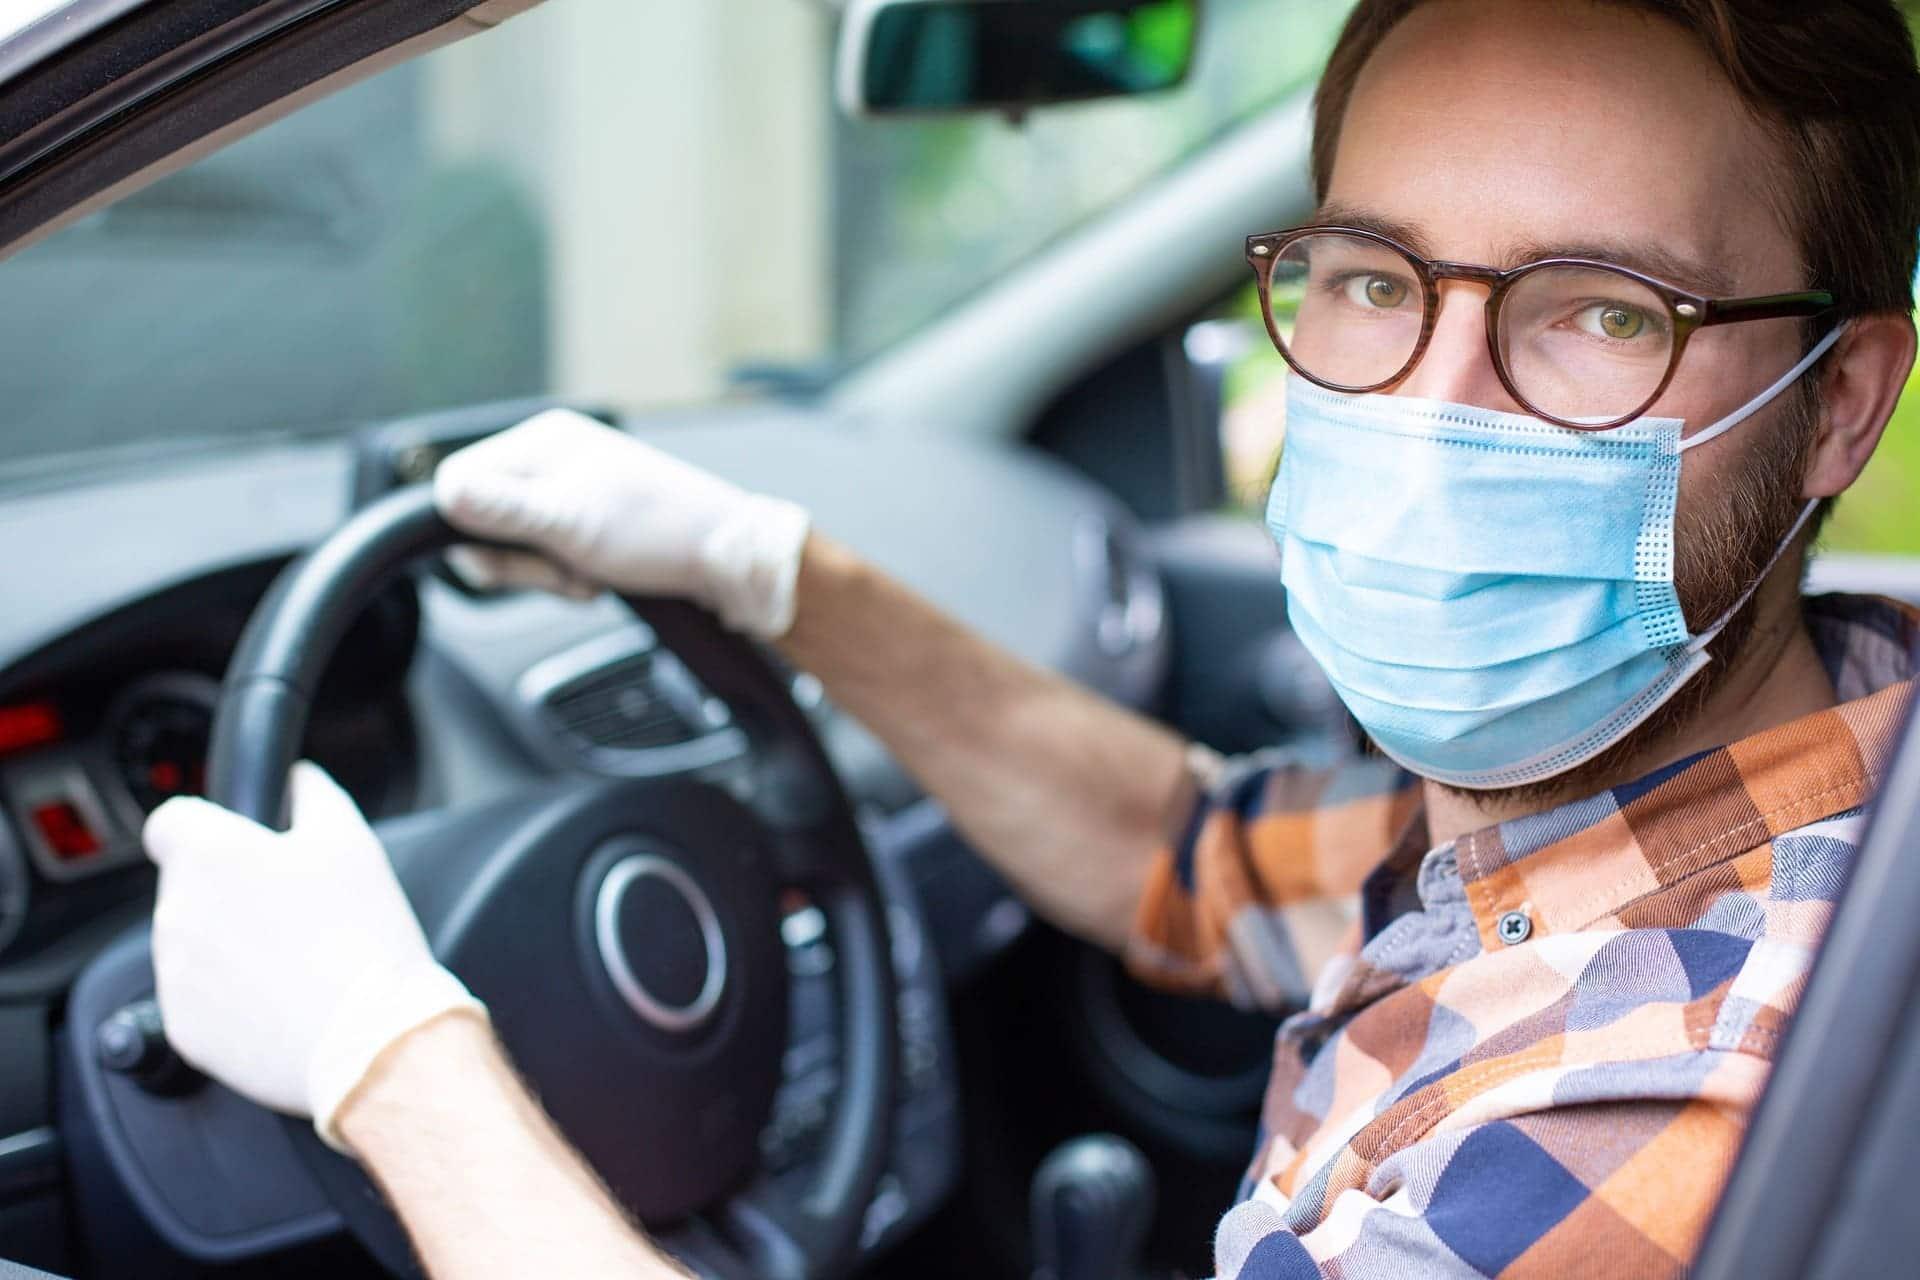 Réglementation COVID en voiture : quelles sont les nouvelles mesures à respecter ?